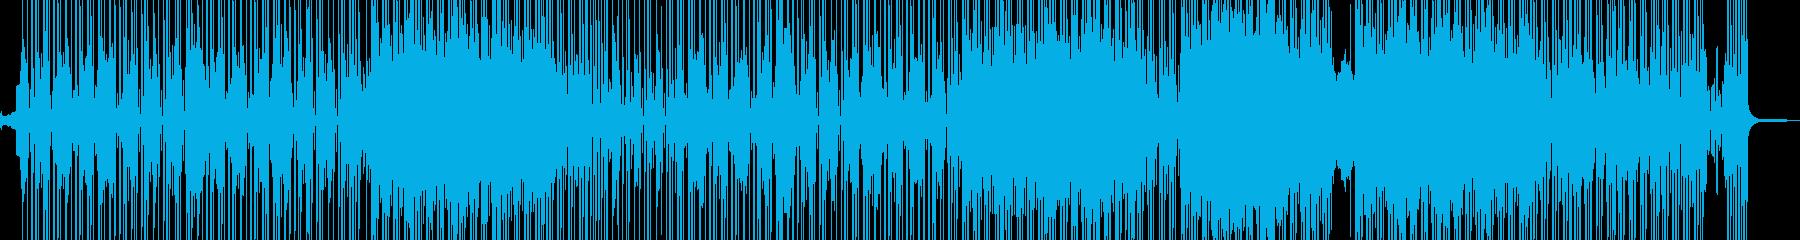 ビターエンドがテーマの切ないR&B 長尺の再生済みの波形